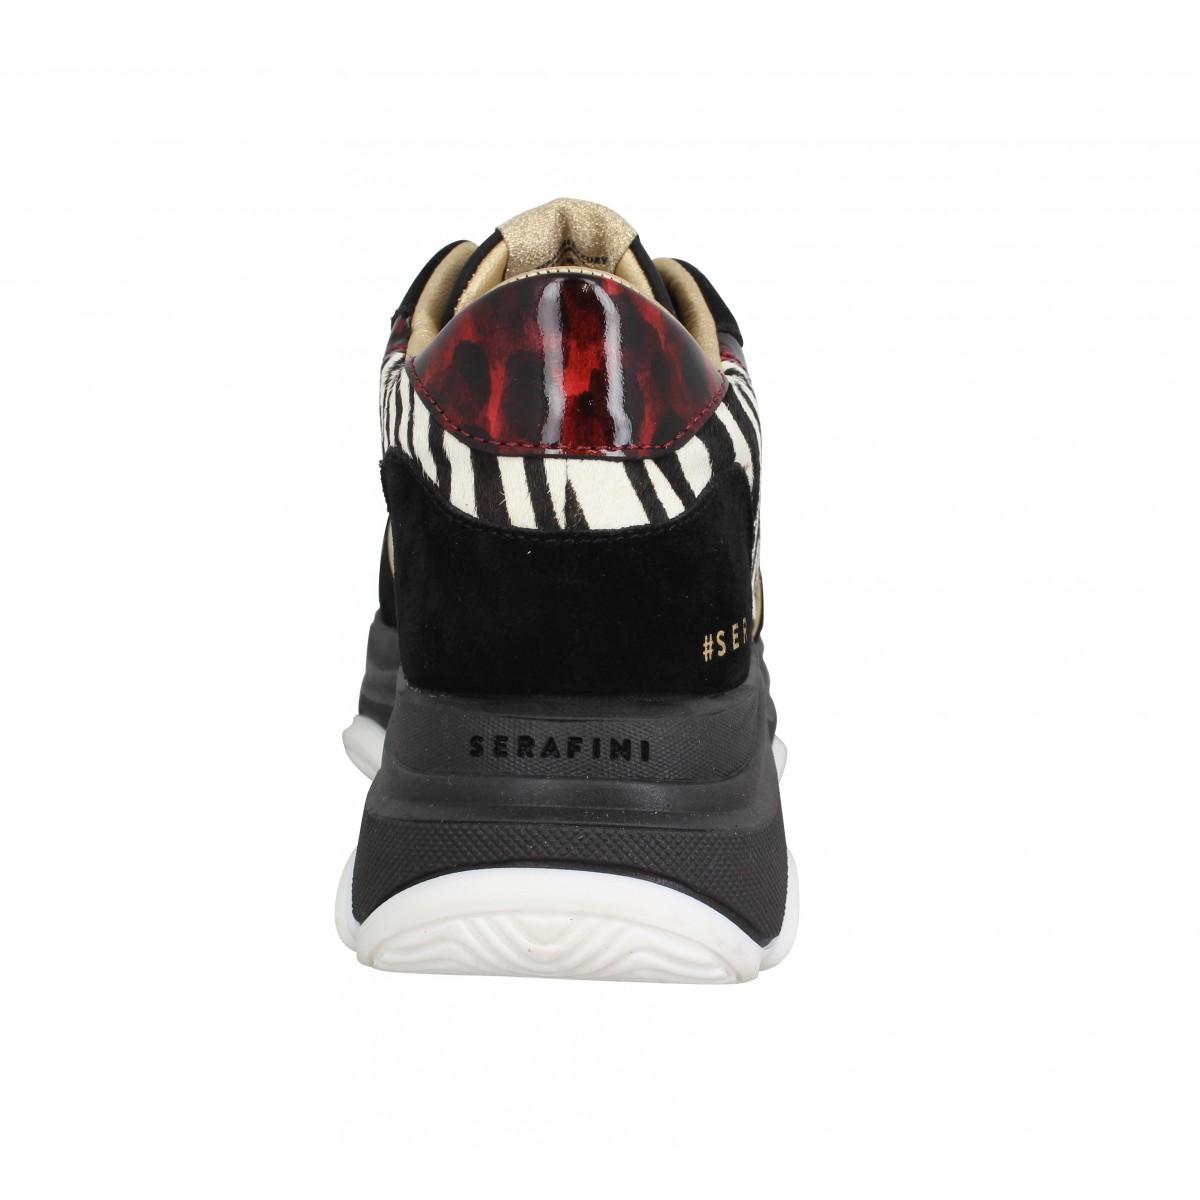 SERAFINI les baskets de fabrication Italienne ultra mode